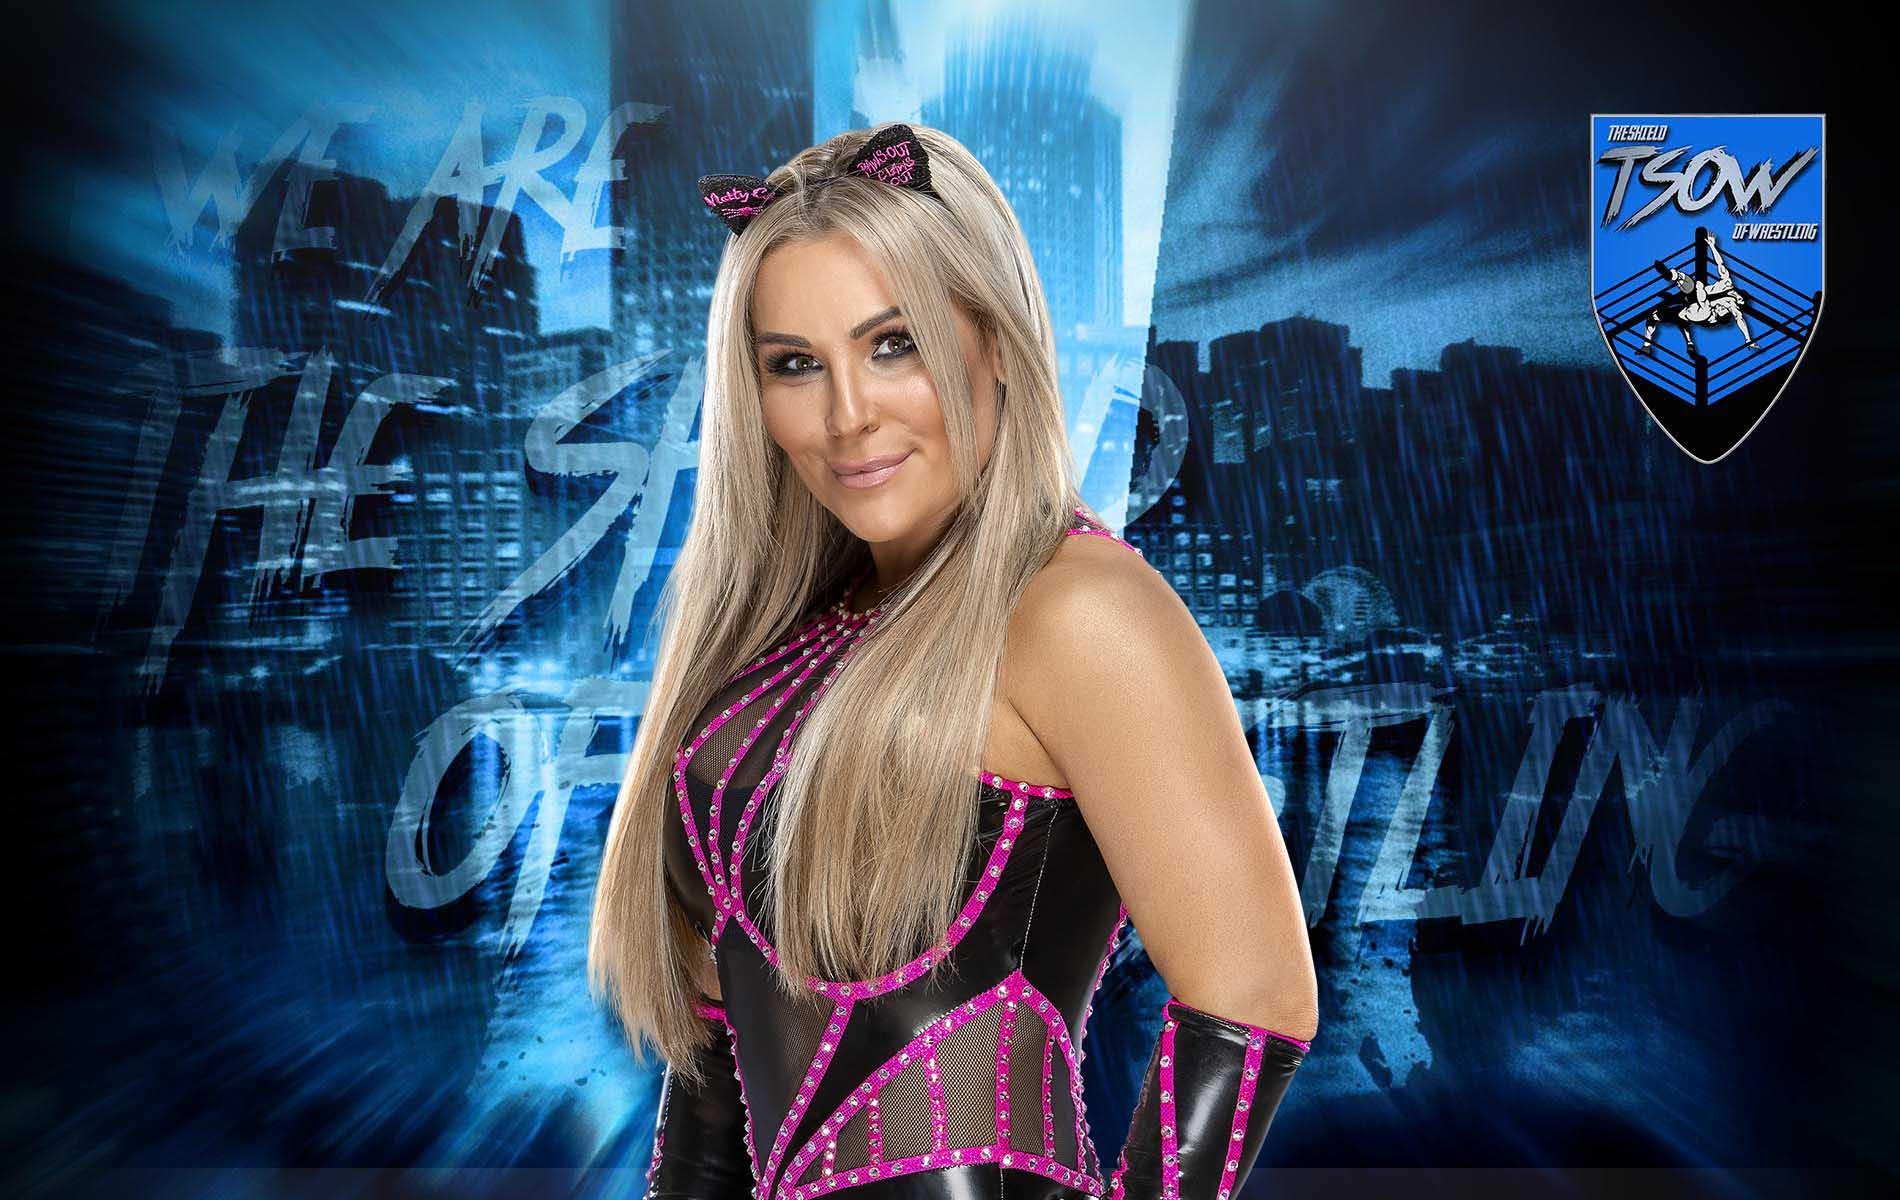 Natalya: lo spogliatoio WWE mi manca di rispetto